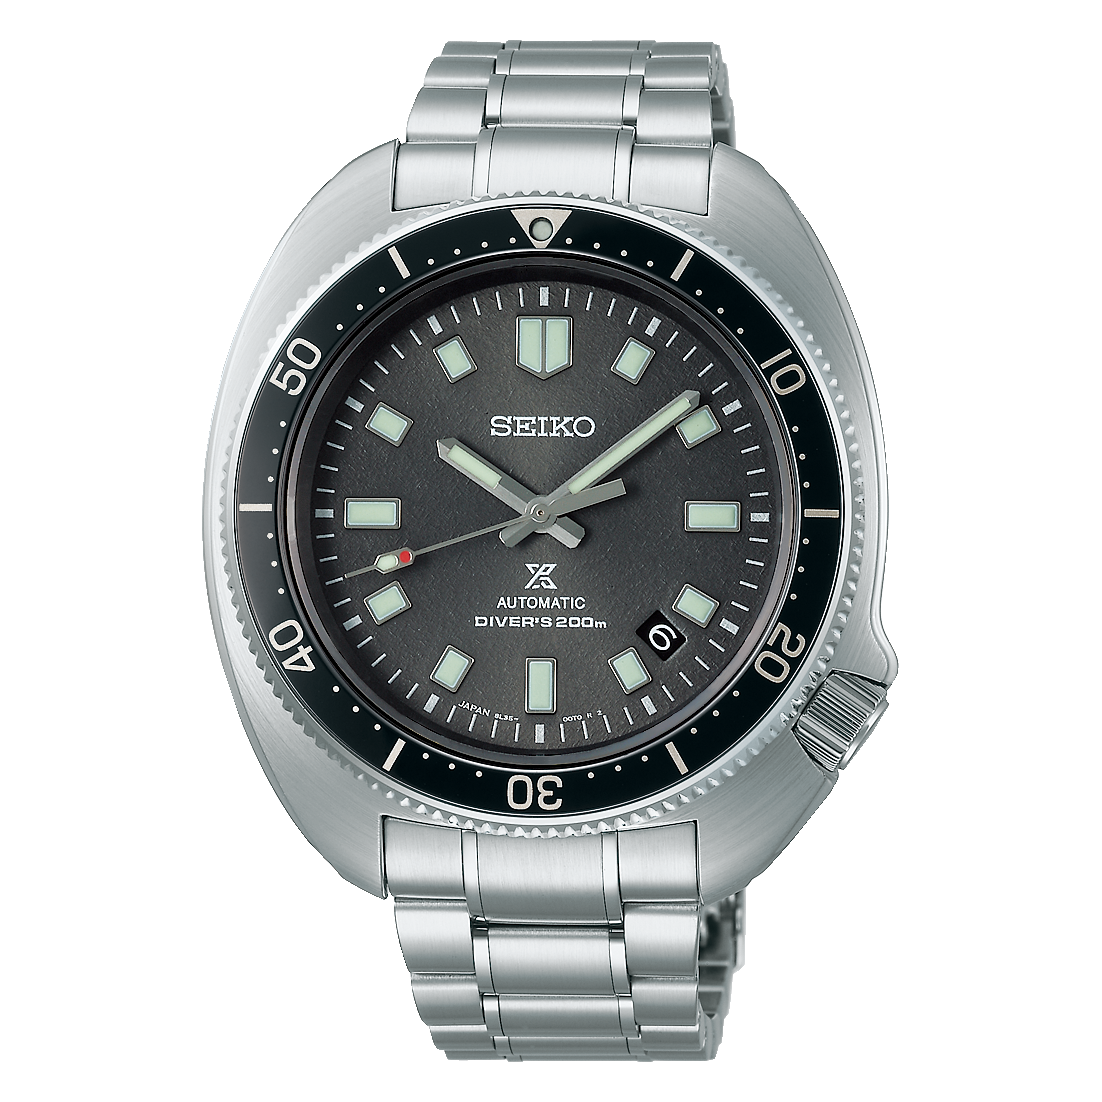 Orologio Seiko Prospex SLA051 J1